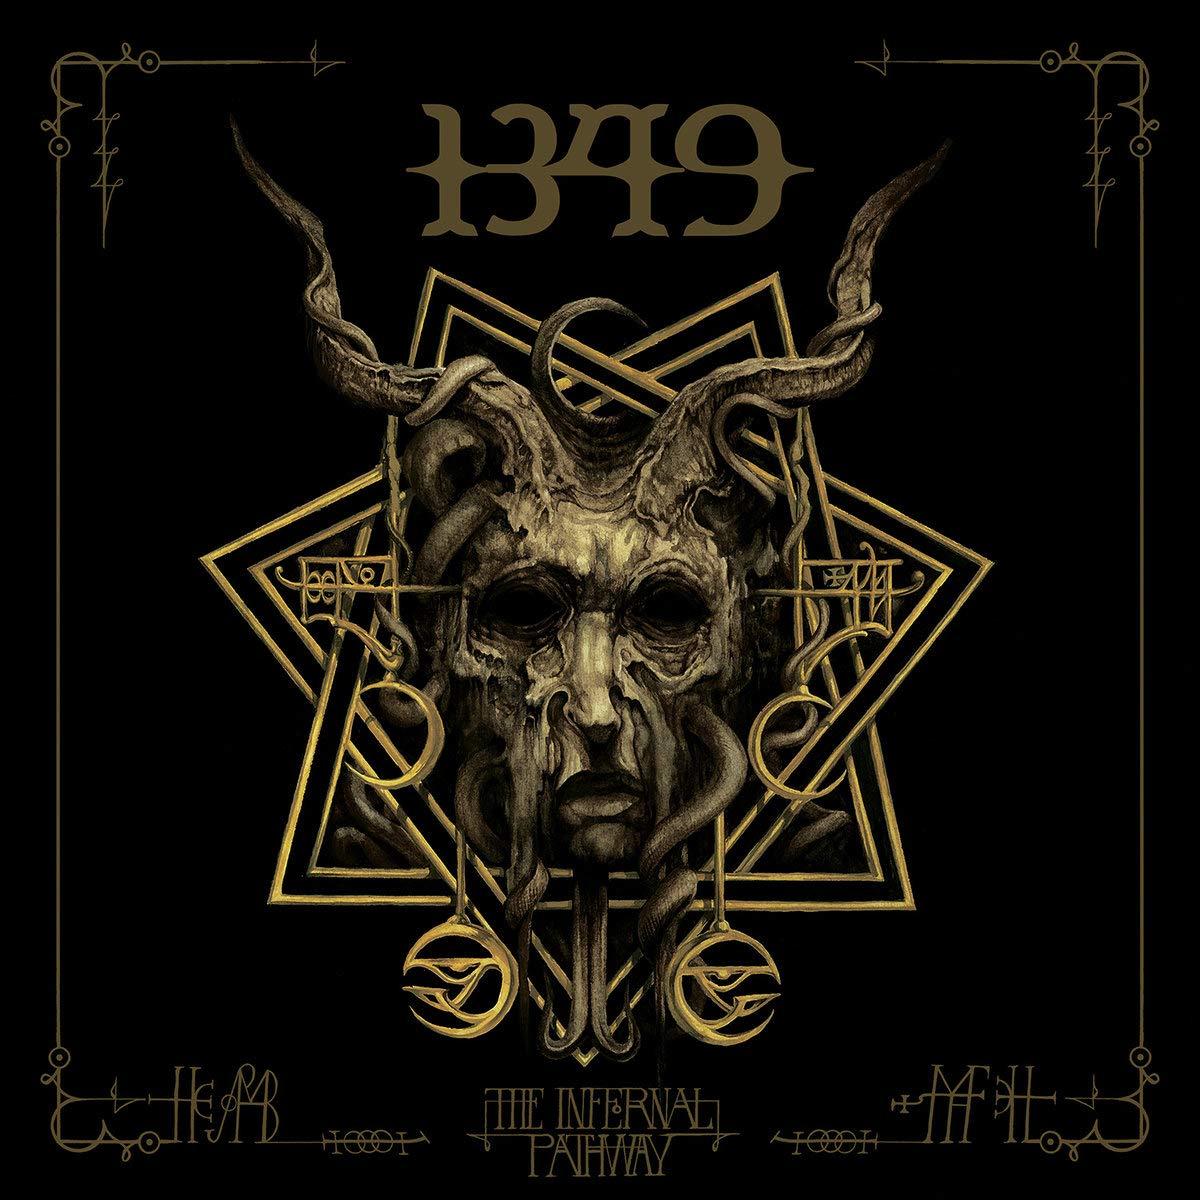 Vinile 1349 - The Infernal Pathway (Sun Yellow Vinyl) (2 Lp) NUOVO SIGILLATO, EDIZIONE DEL 18/10/2019 SUBITO DISPONIBILE